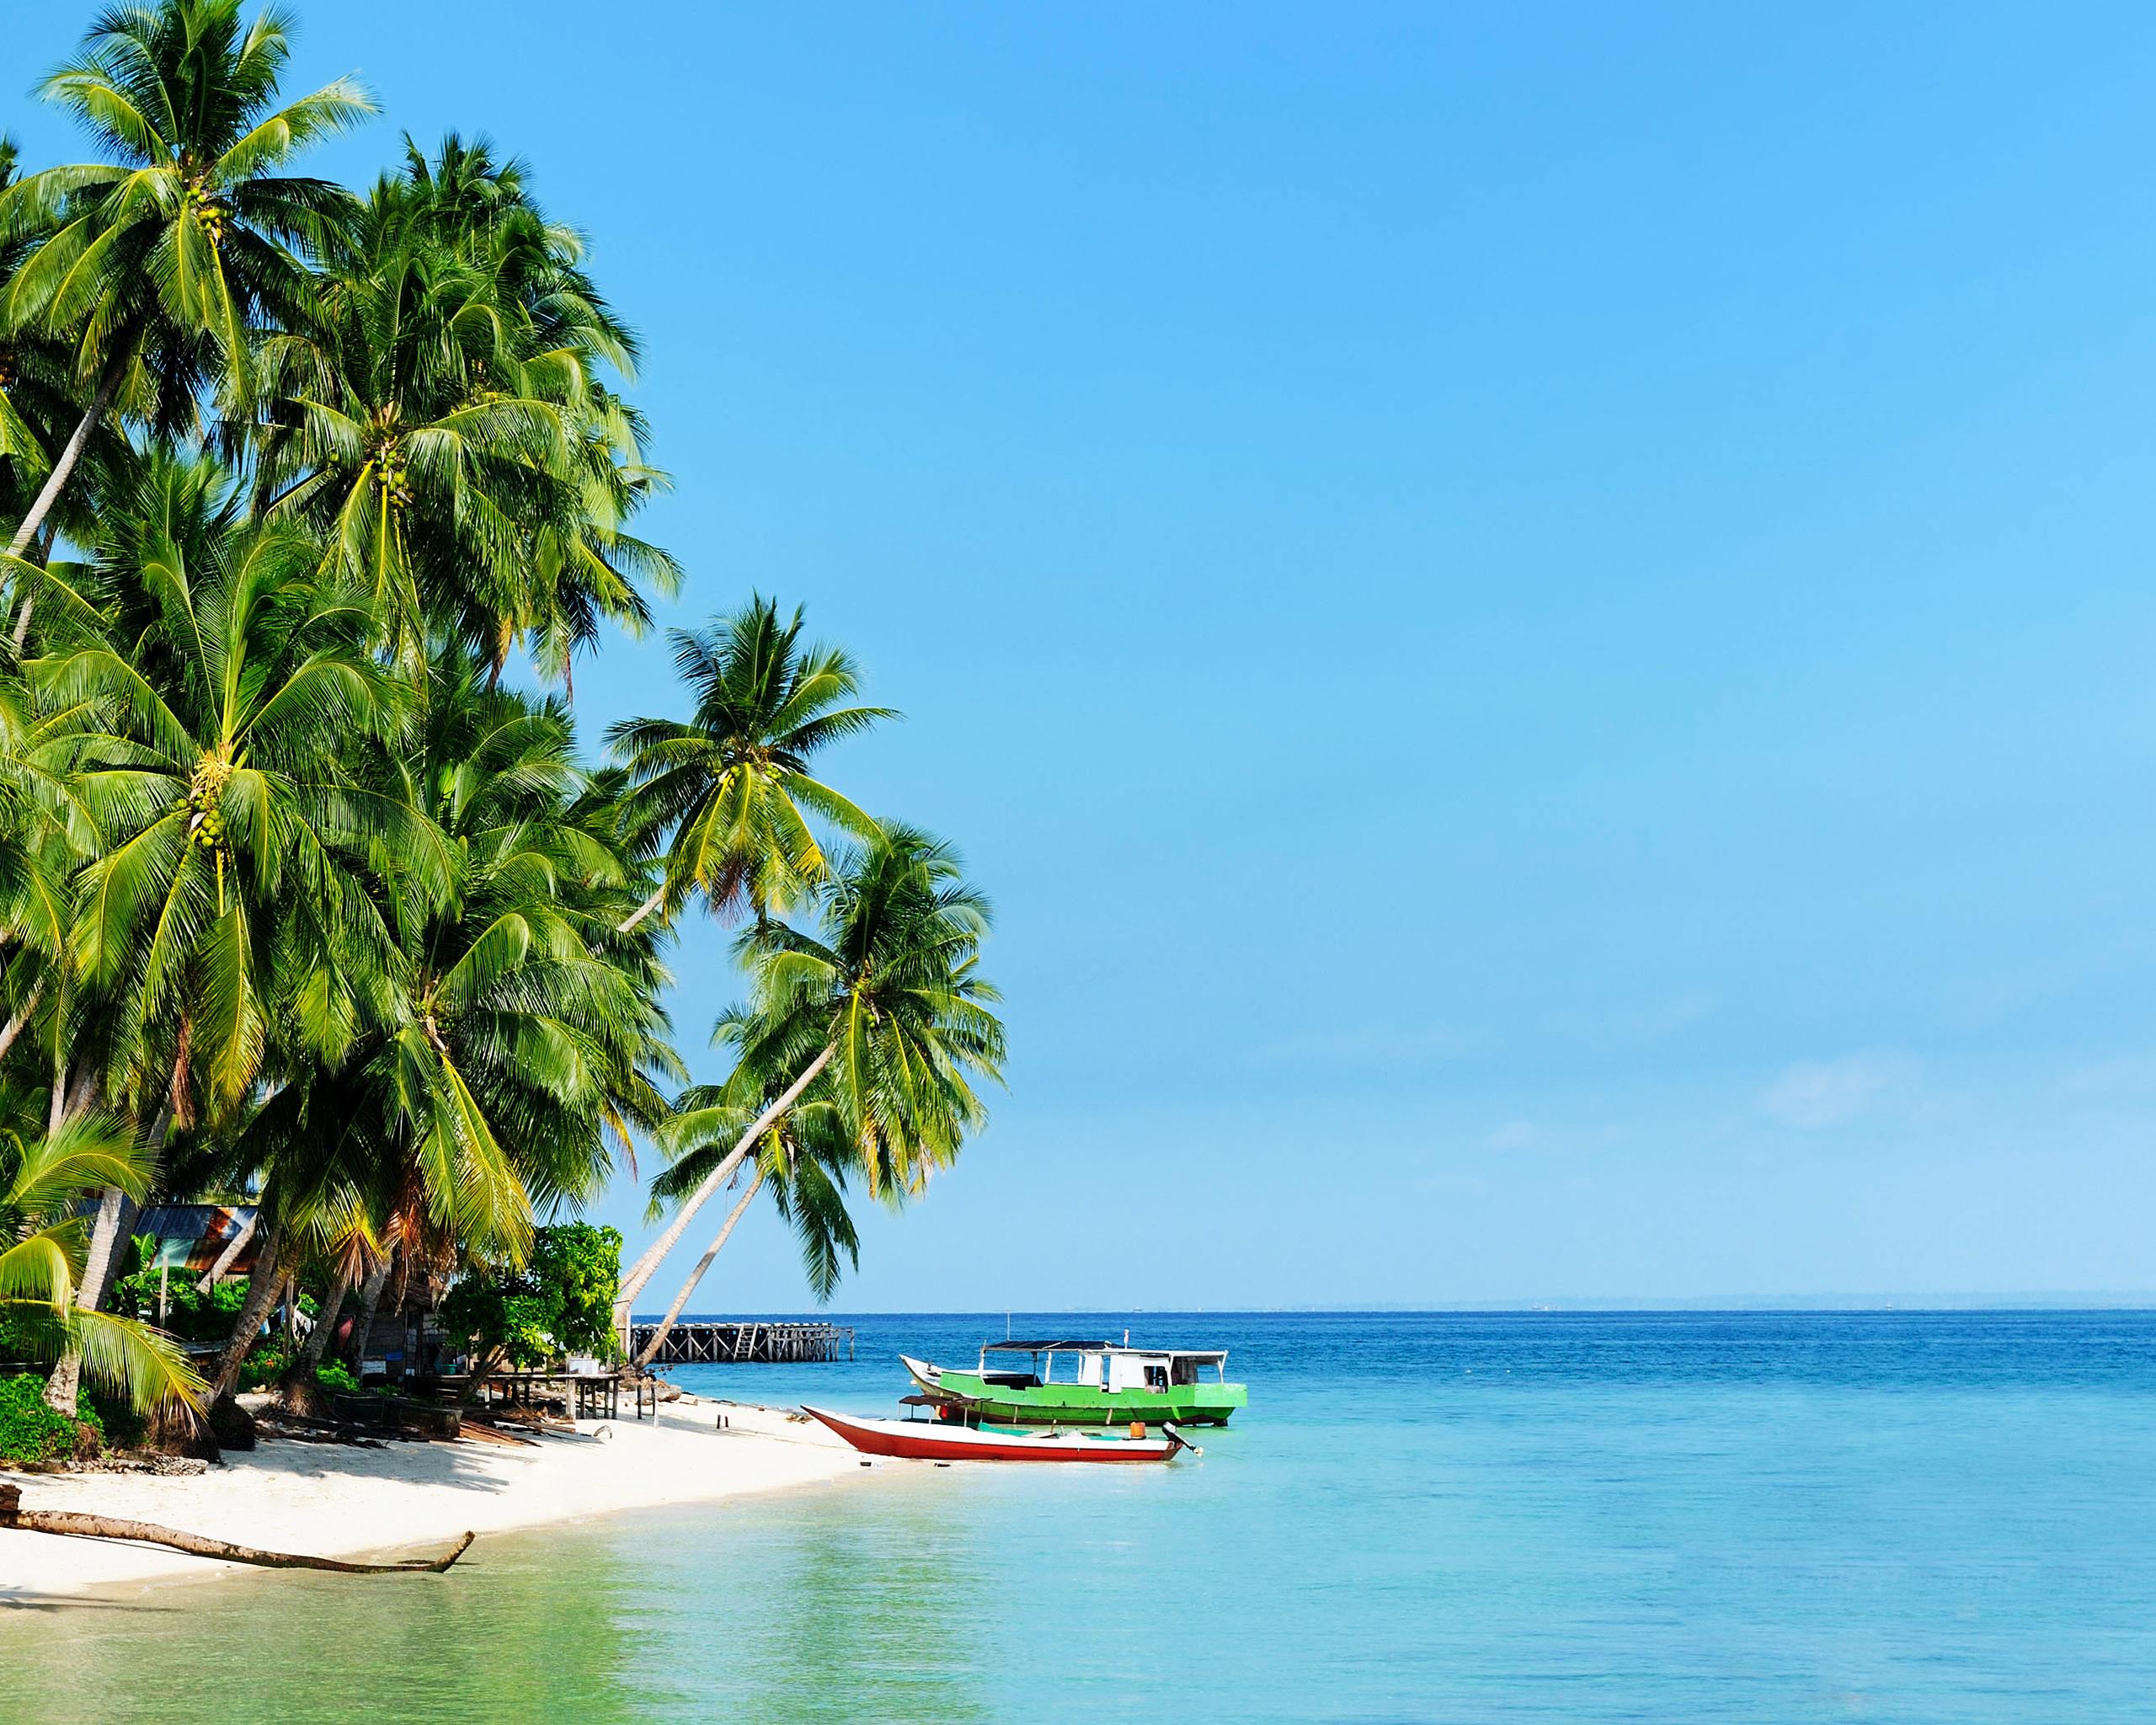 White sandy beach of the Derawan Islands wallpaper   Beach Wallpapers 2560x2048